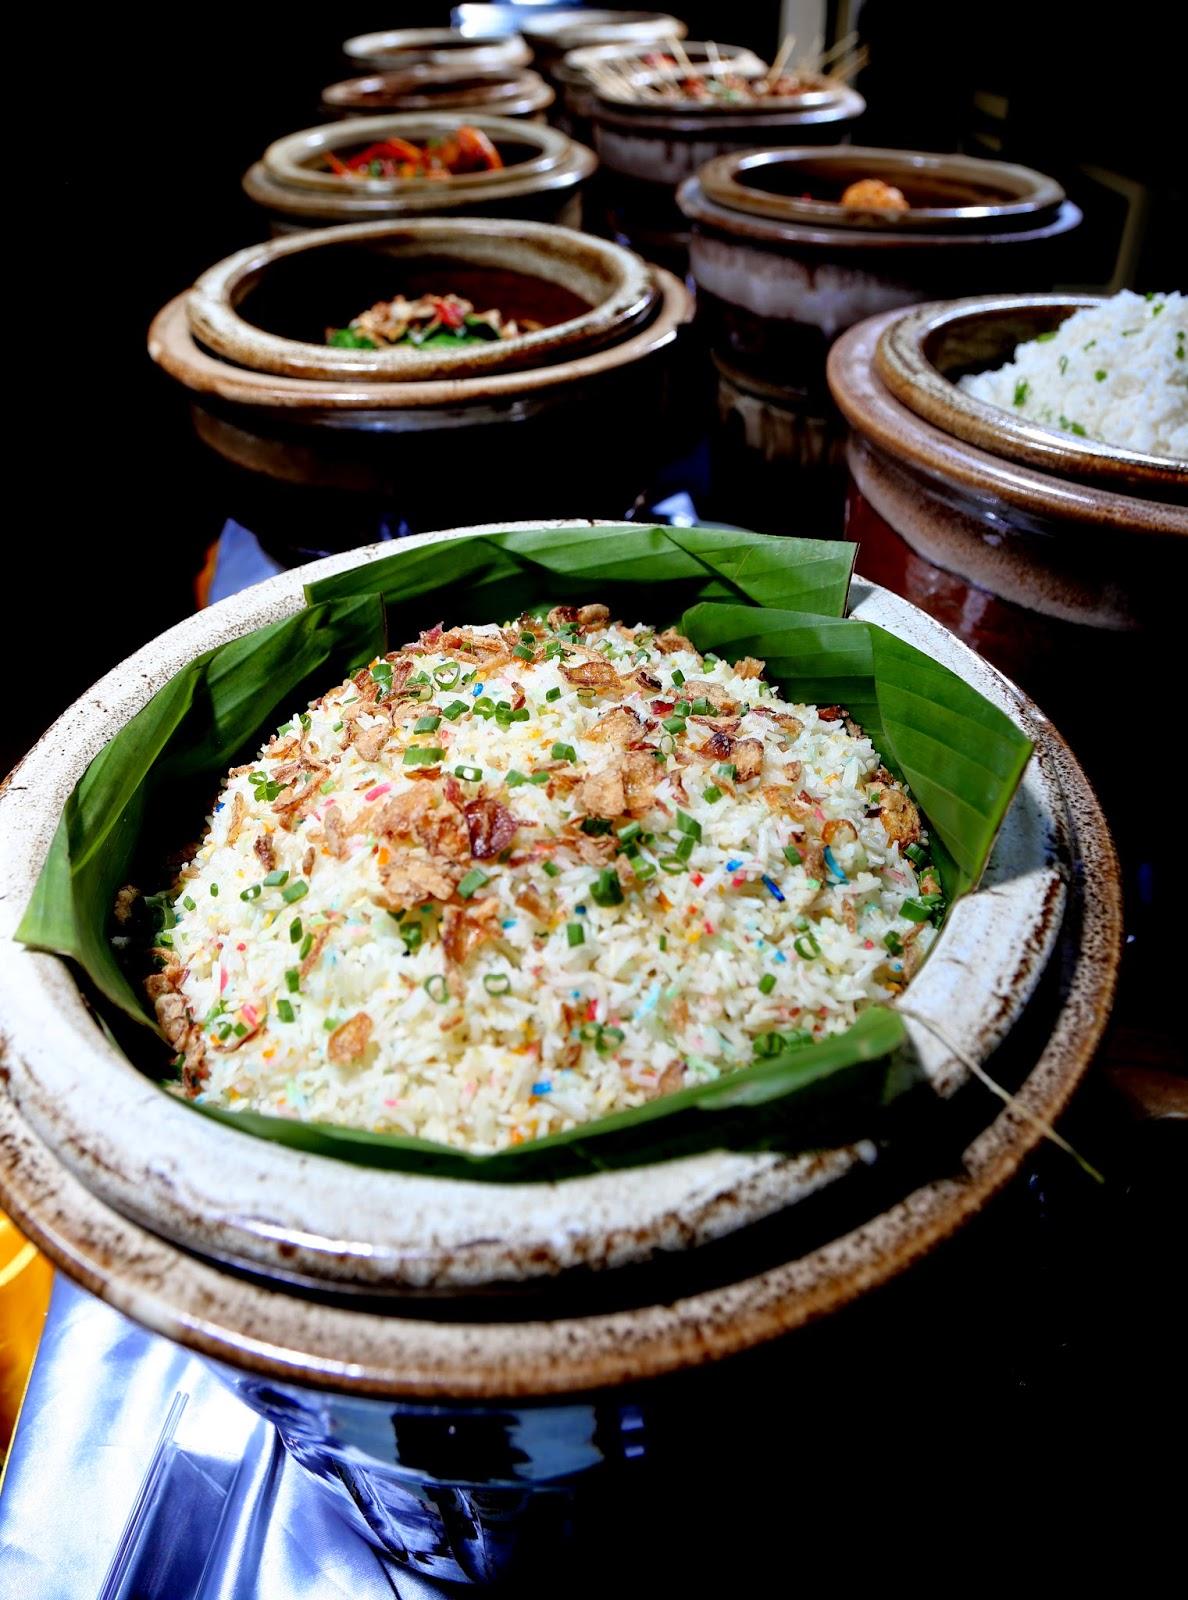 Mr Pegasus Food Review The Apartment Menyediakan Nasi Hujan